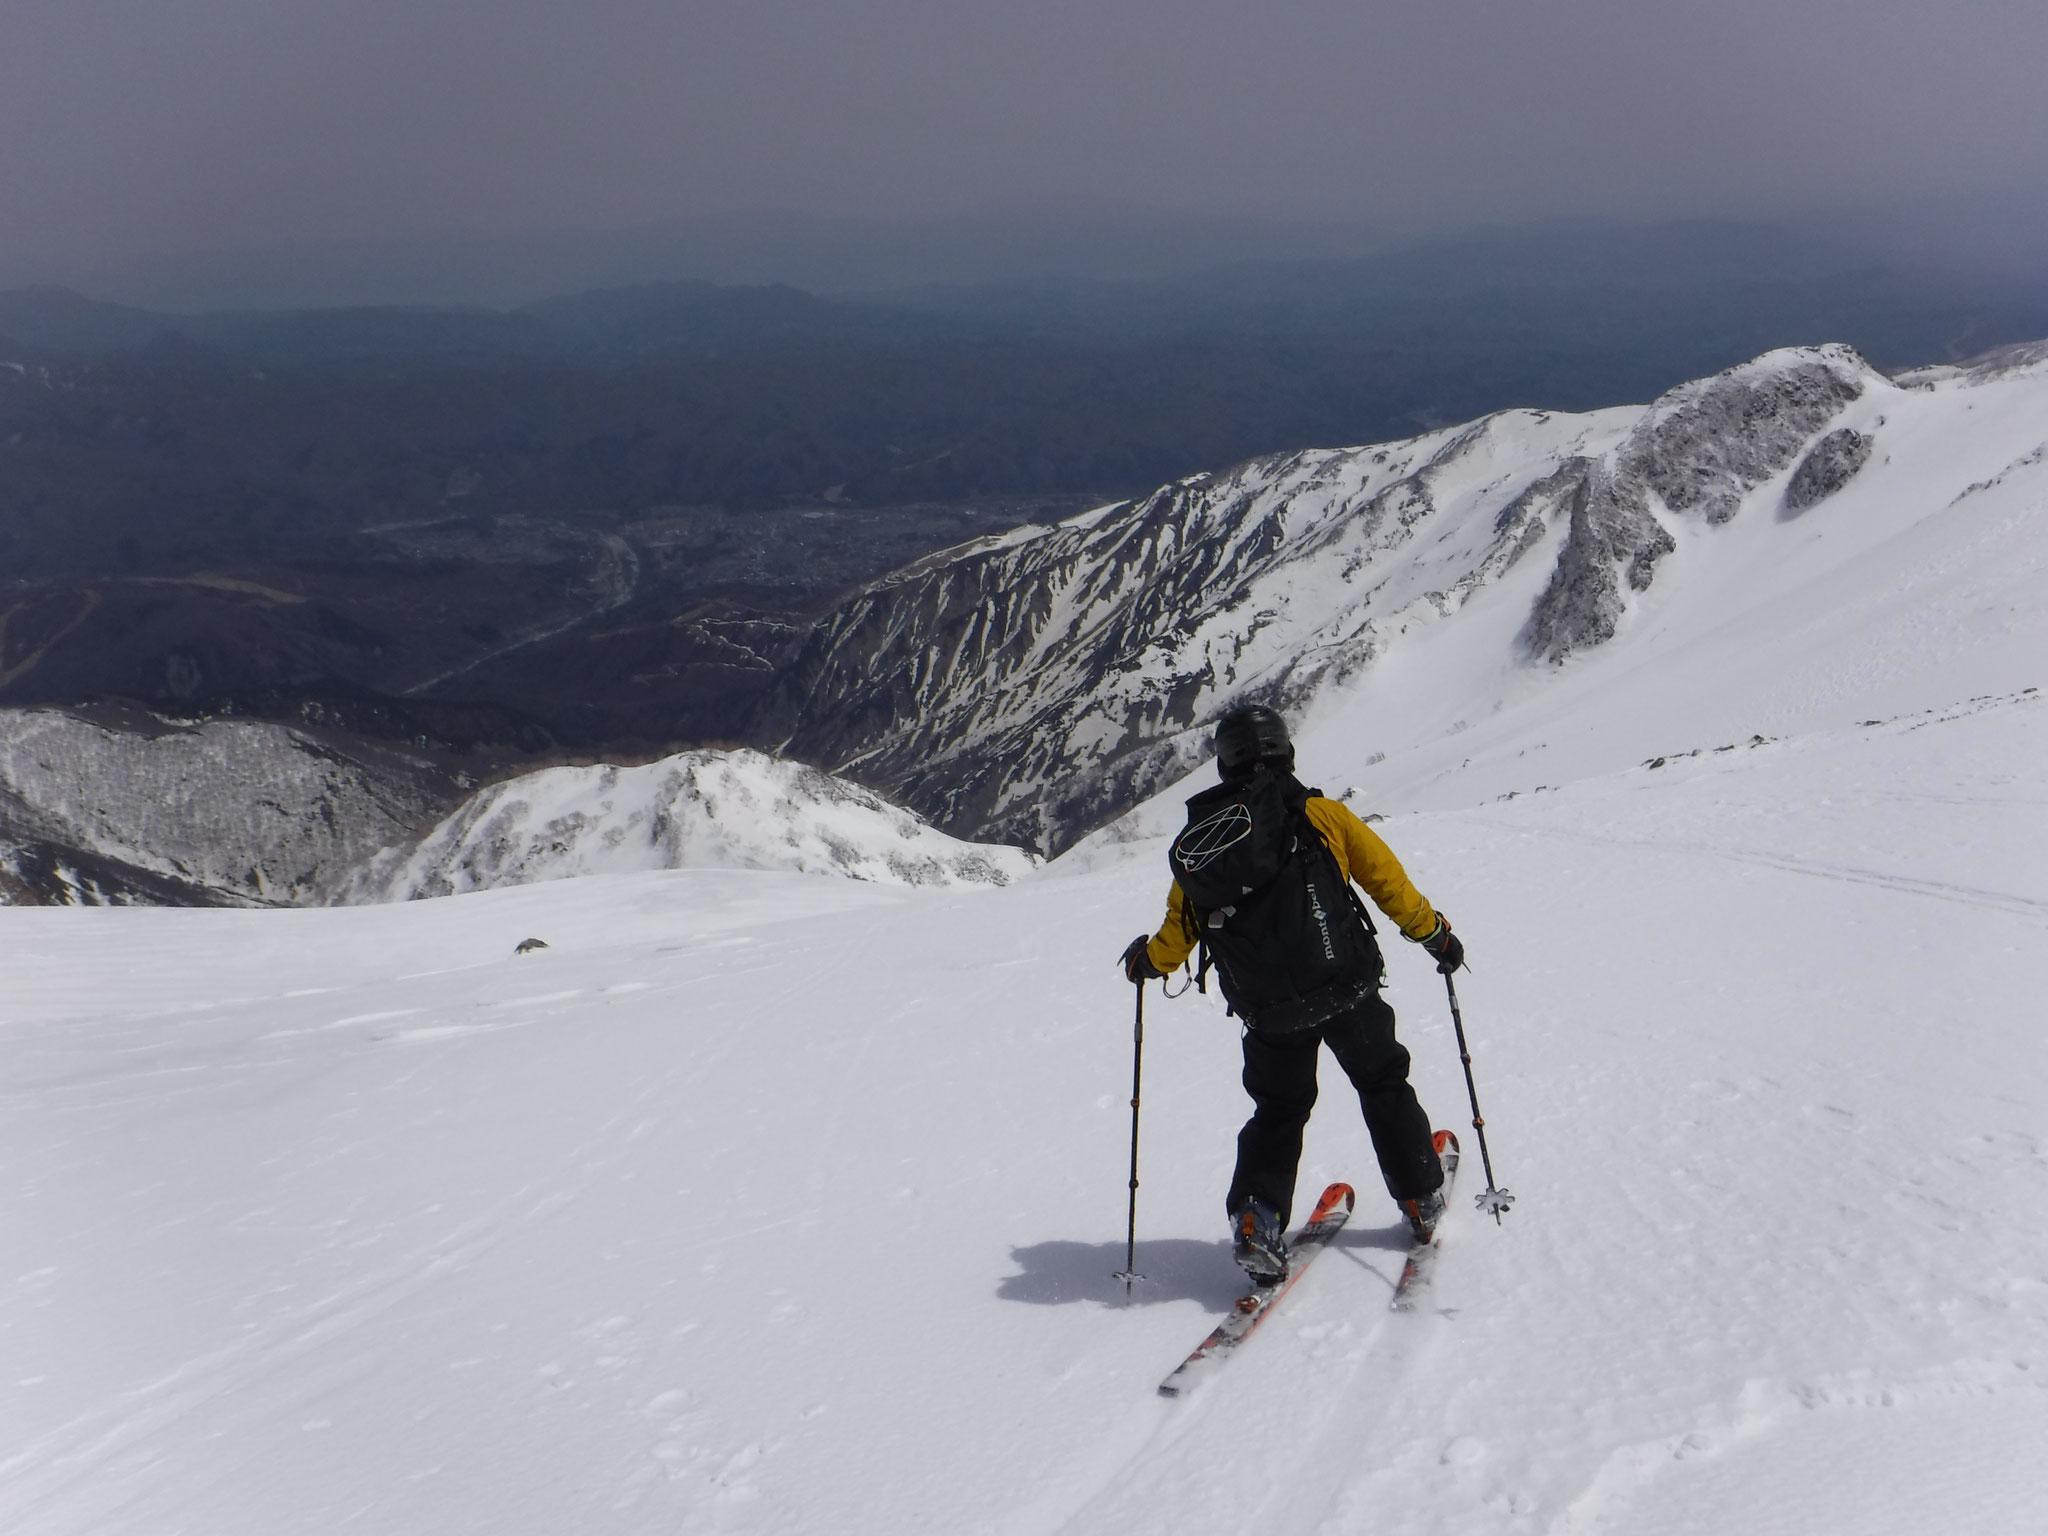 雪質良く、快適な滑り、山スキー2回目のI崎さん